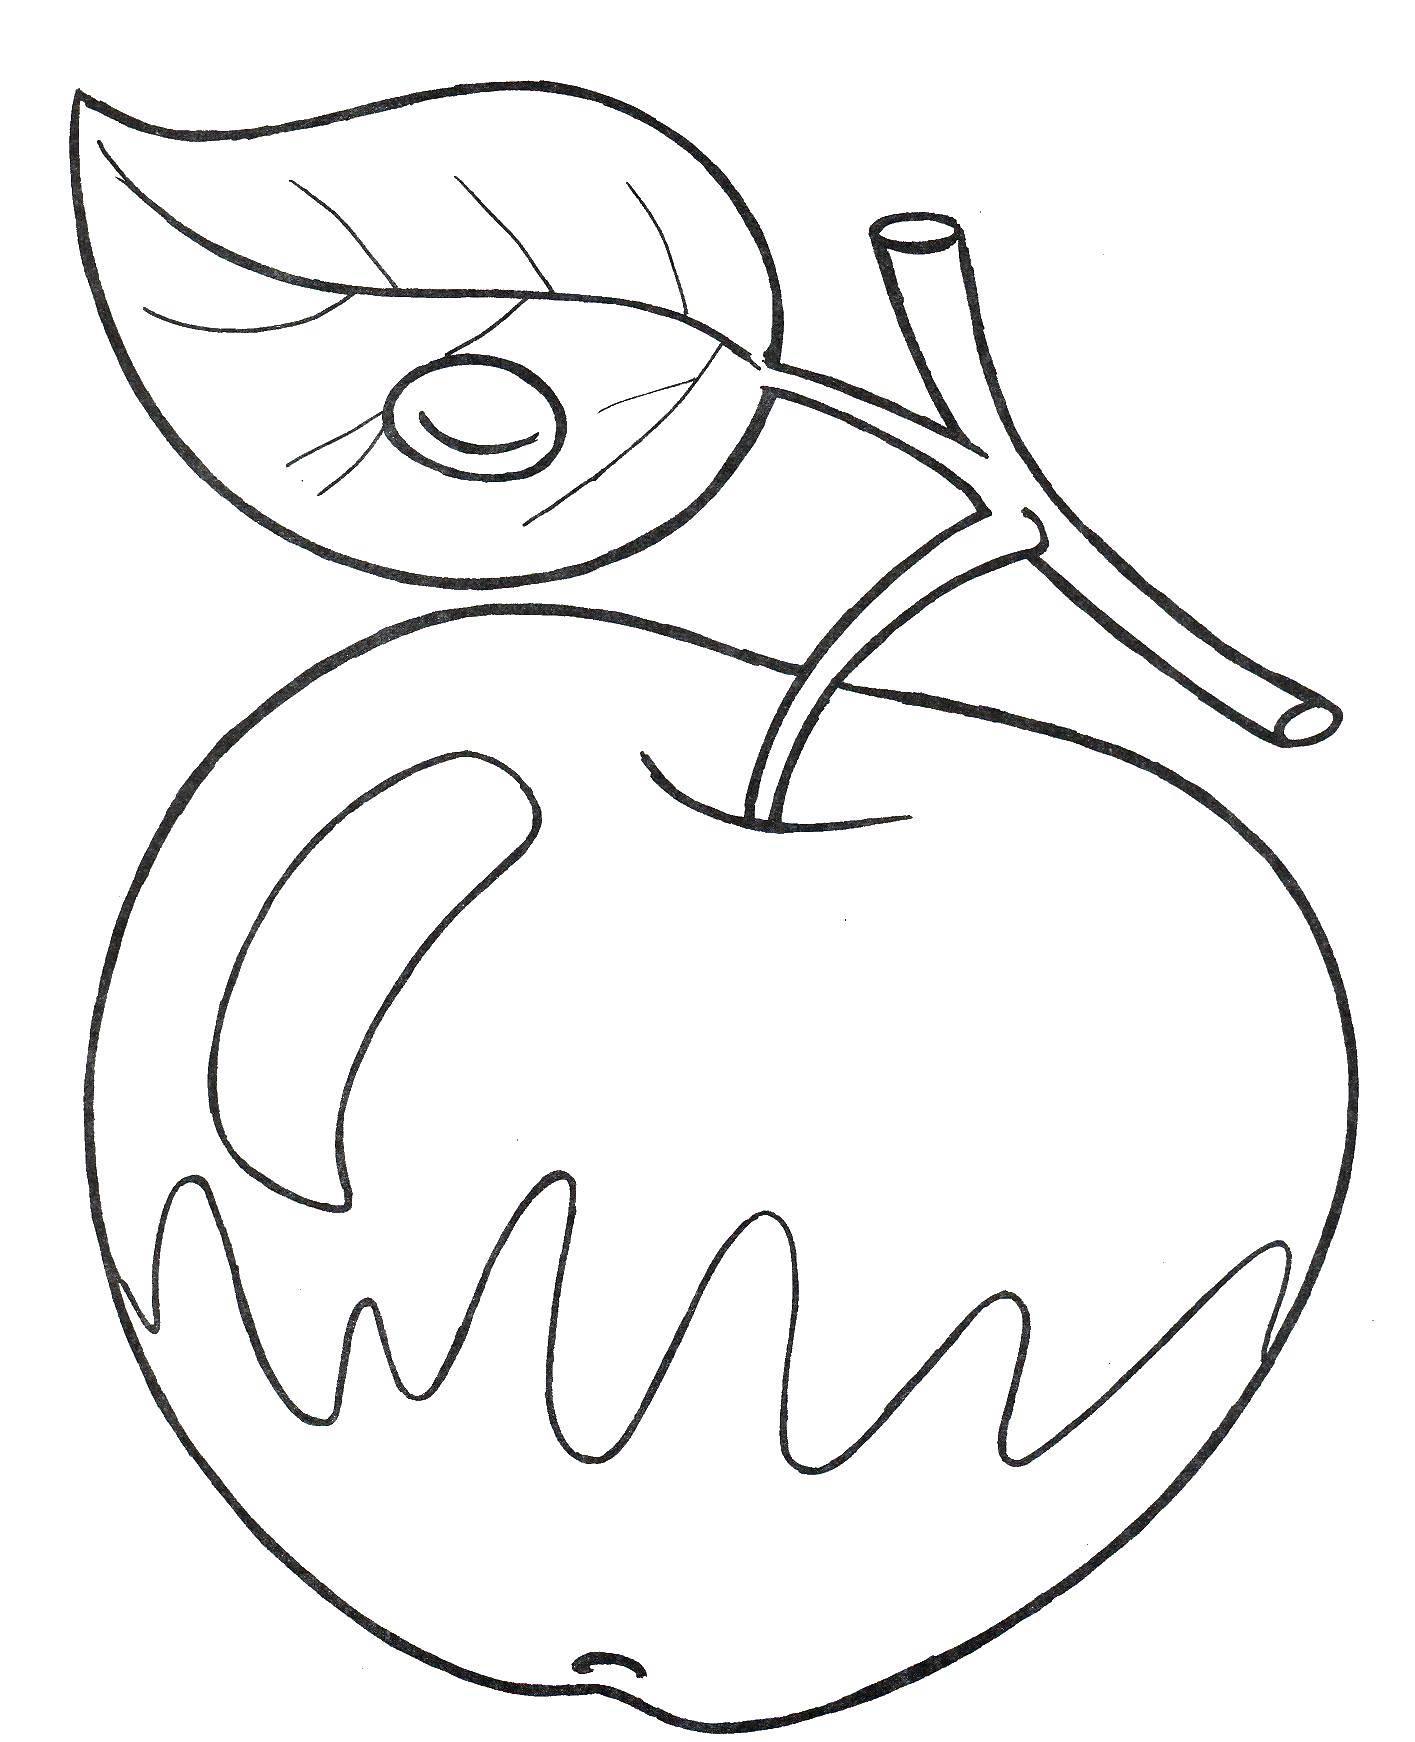 Раскраски какой, Раскраска Какой твой любимый фрукт Фрукты.